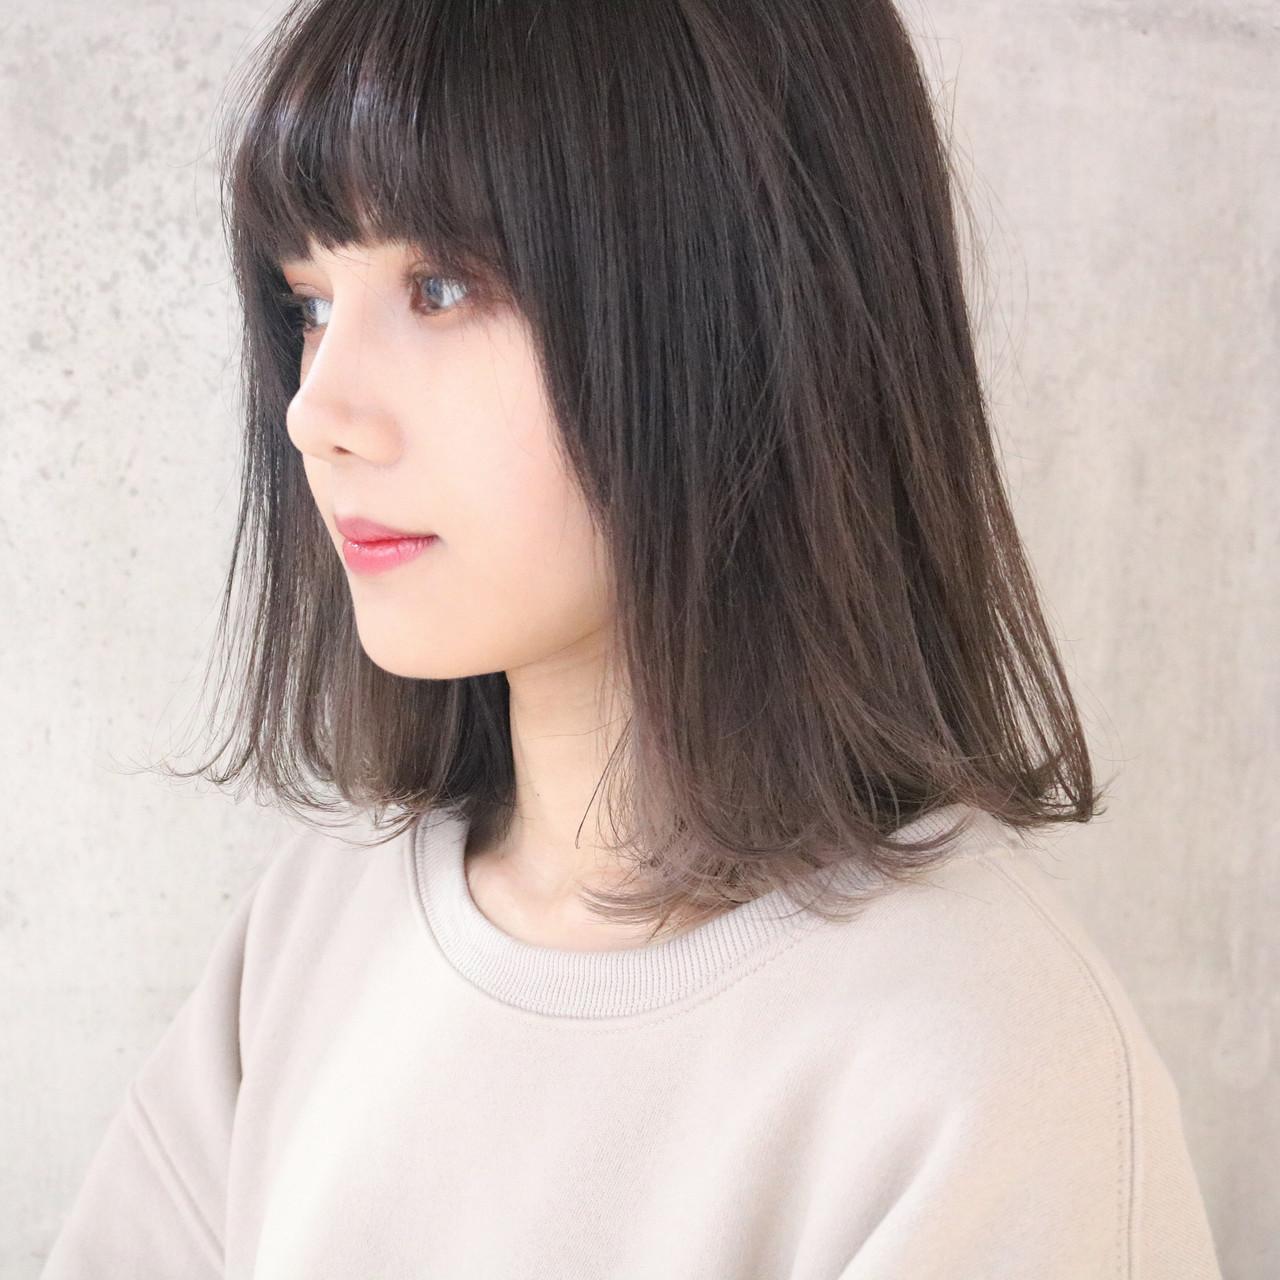 暗めがステキ☆ミディアム似合わせのミルクティー 中村明俊 / ooit